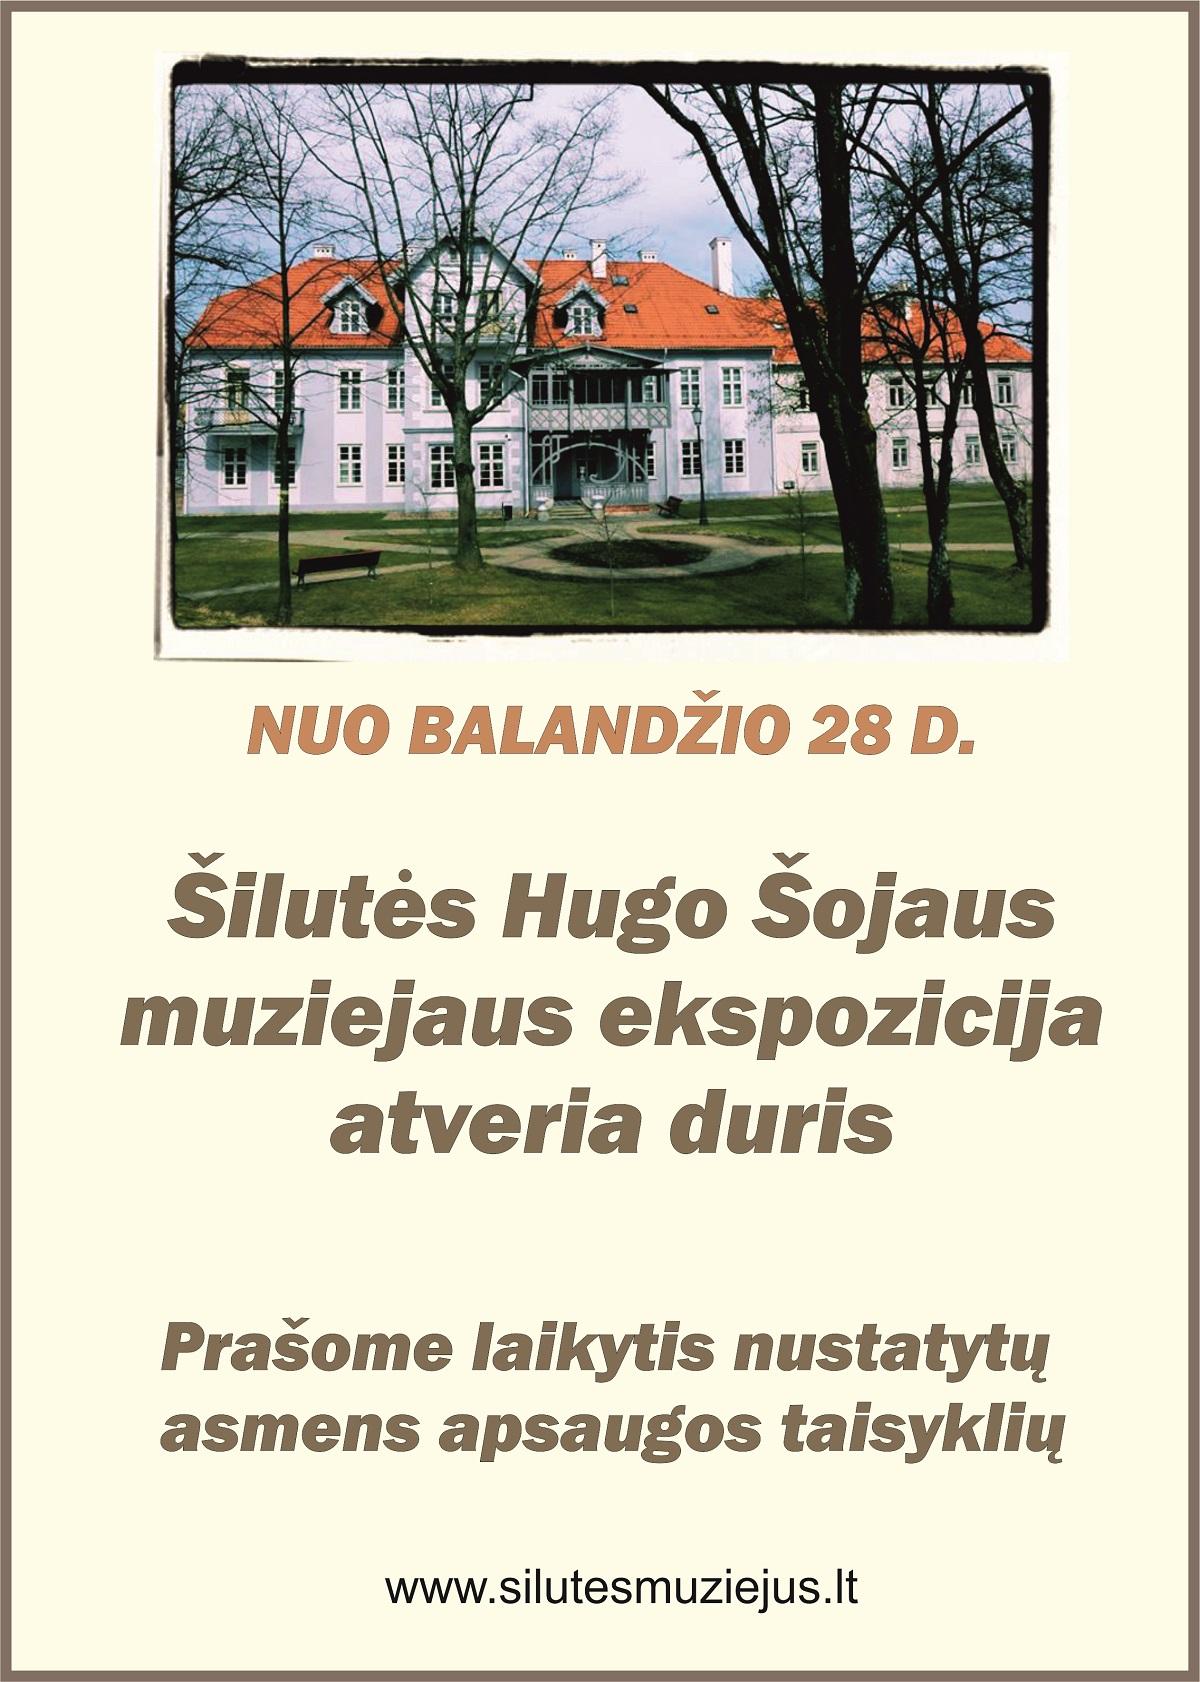 Šilutės Hugo Šojaus muziejaus ekspozicija atveria duris